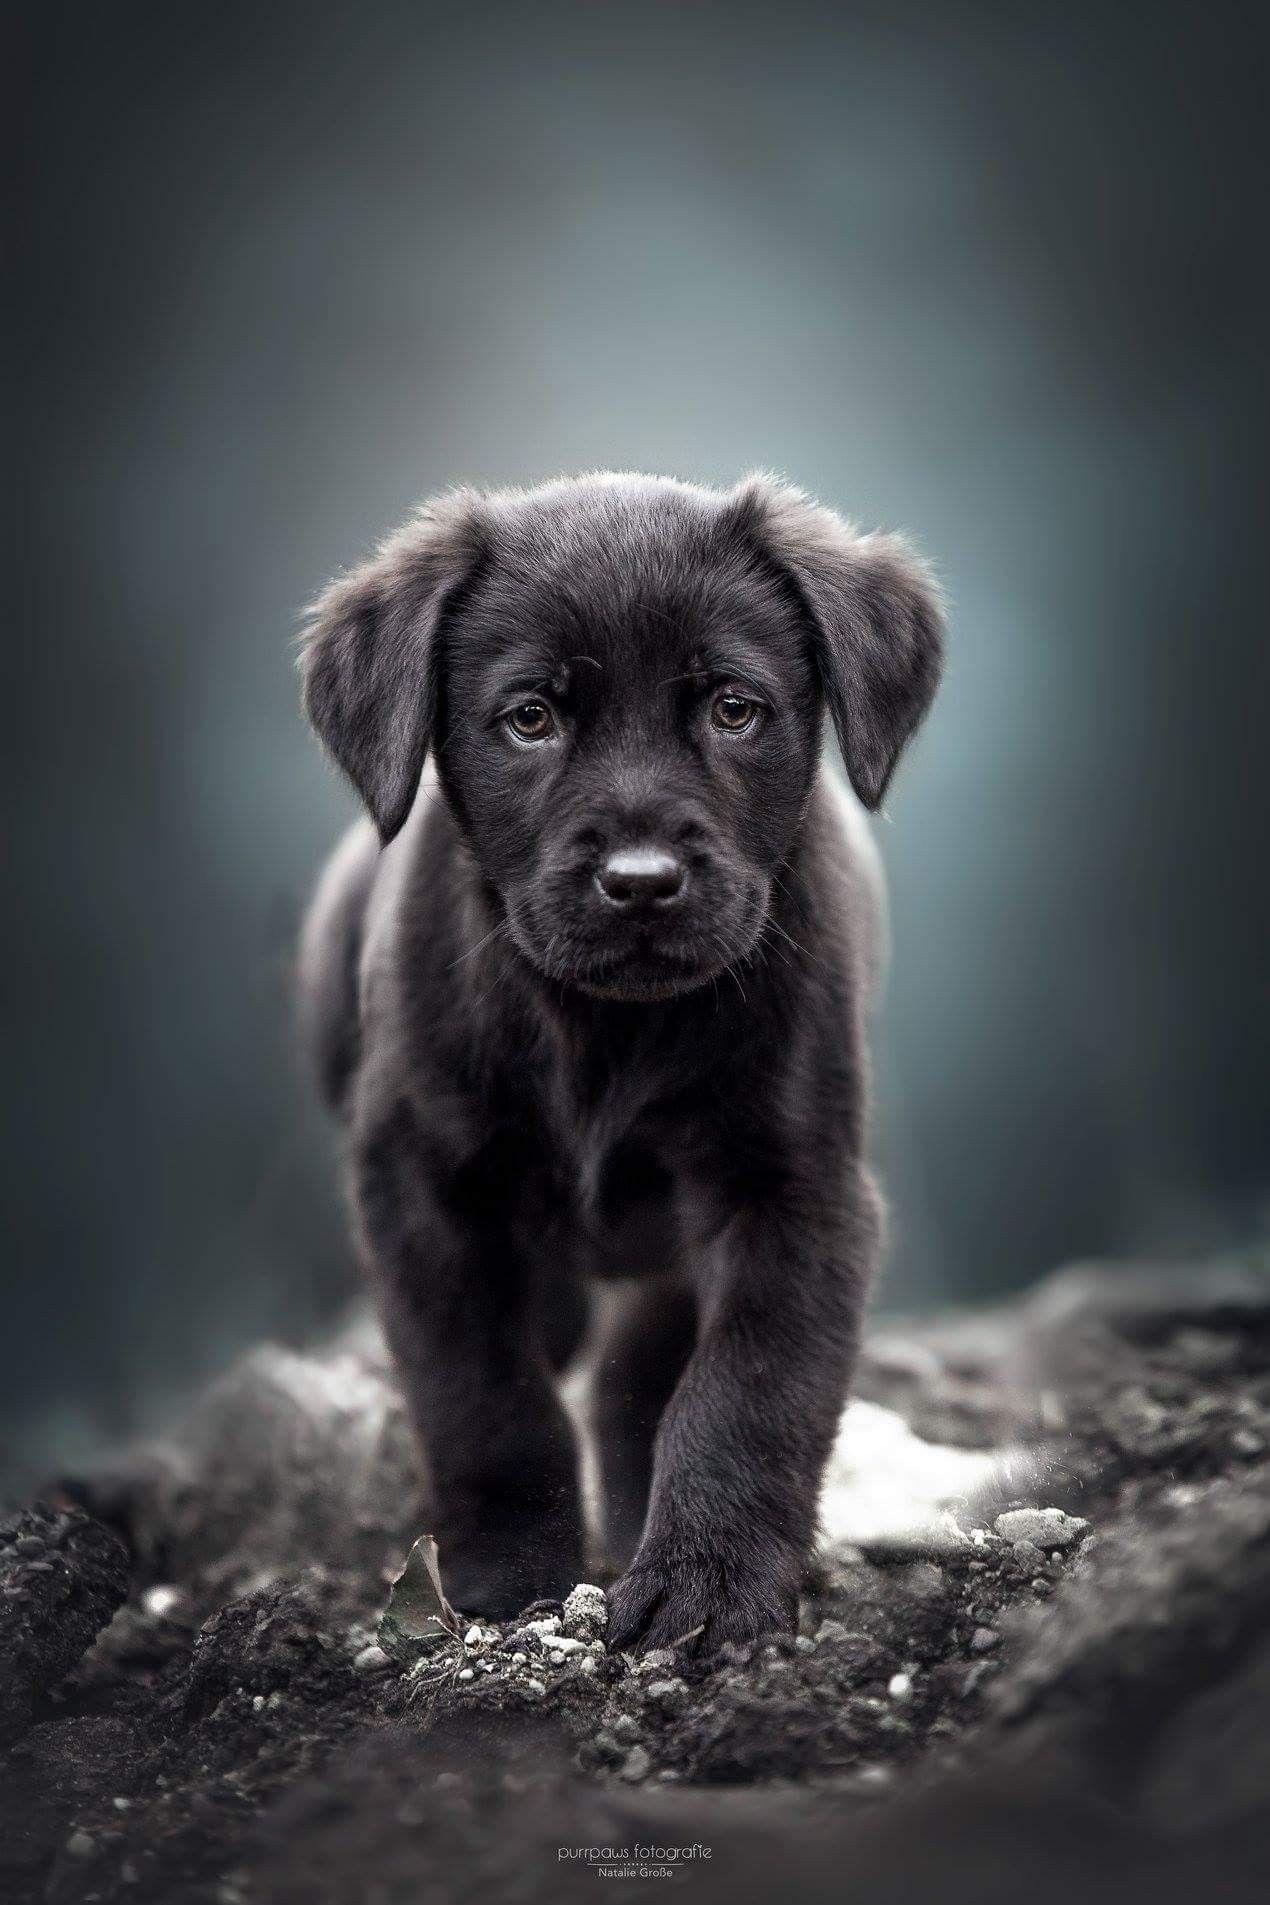 обои на телефон собаки лабрадор черный котором поселился